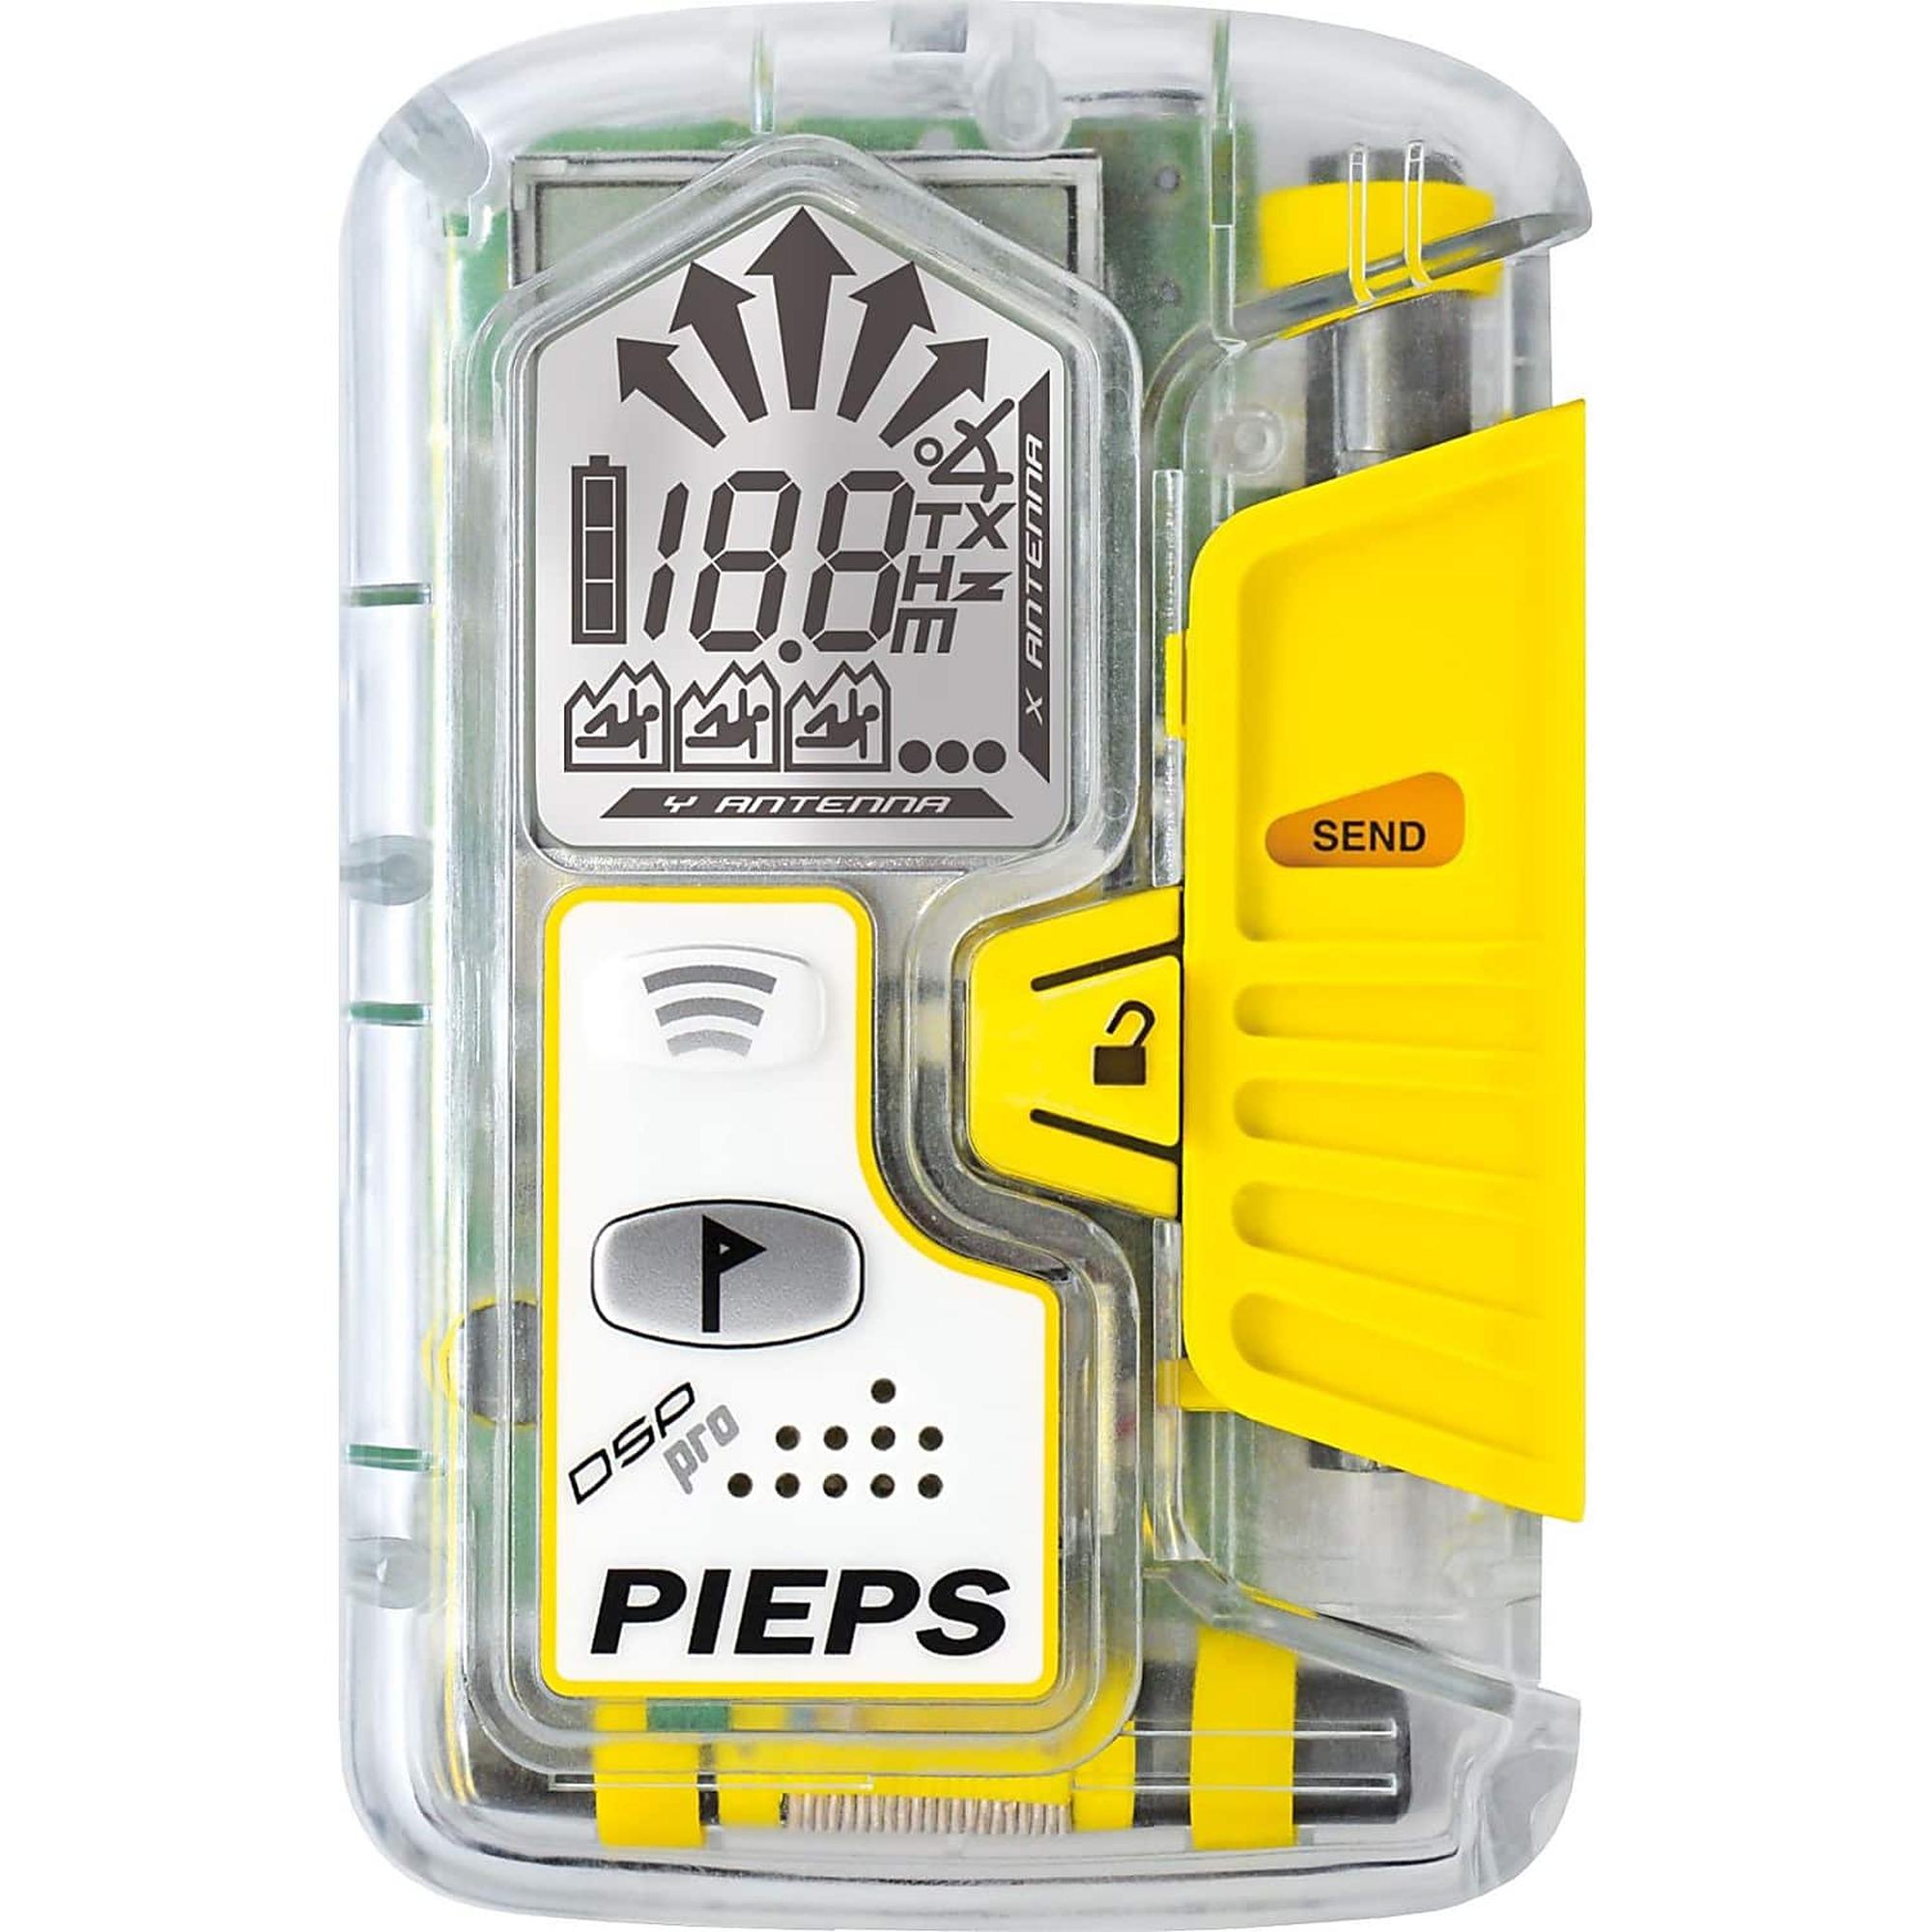 PIEPS reagiert auf Kritik: Kostenloser Ersatz für altes Tragesystem der DSP-Serie